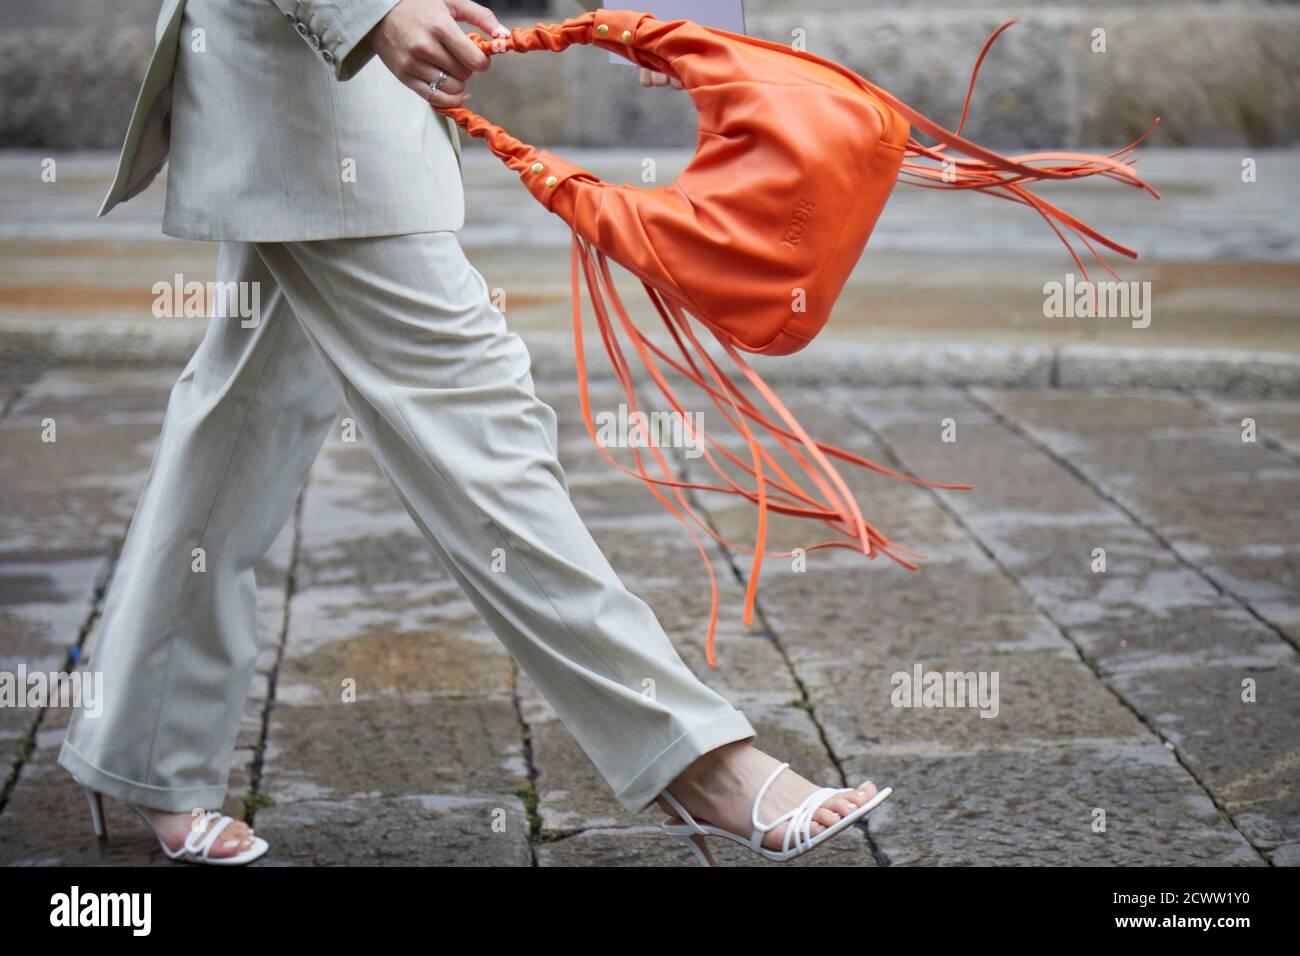 MILÁN, ITALIA - 24 DE SEPTIEMBRE de 2020: Mujer caminando con bolsa de cuero naranja con flecos antes de Max Mara moda show, Milan Fashion Week estilo callejero Foto de stock